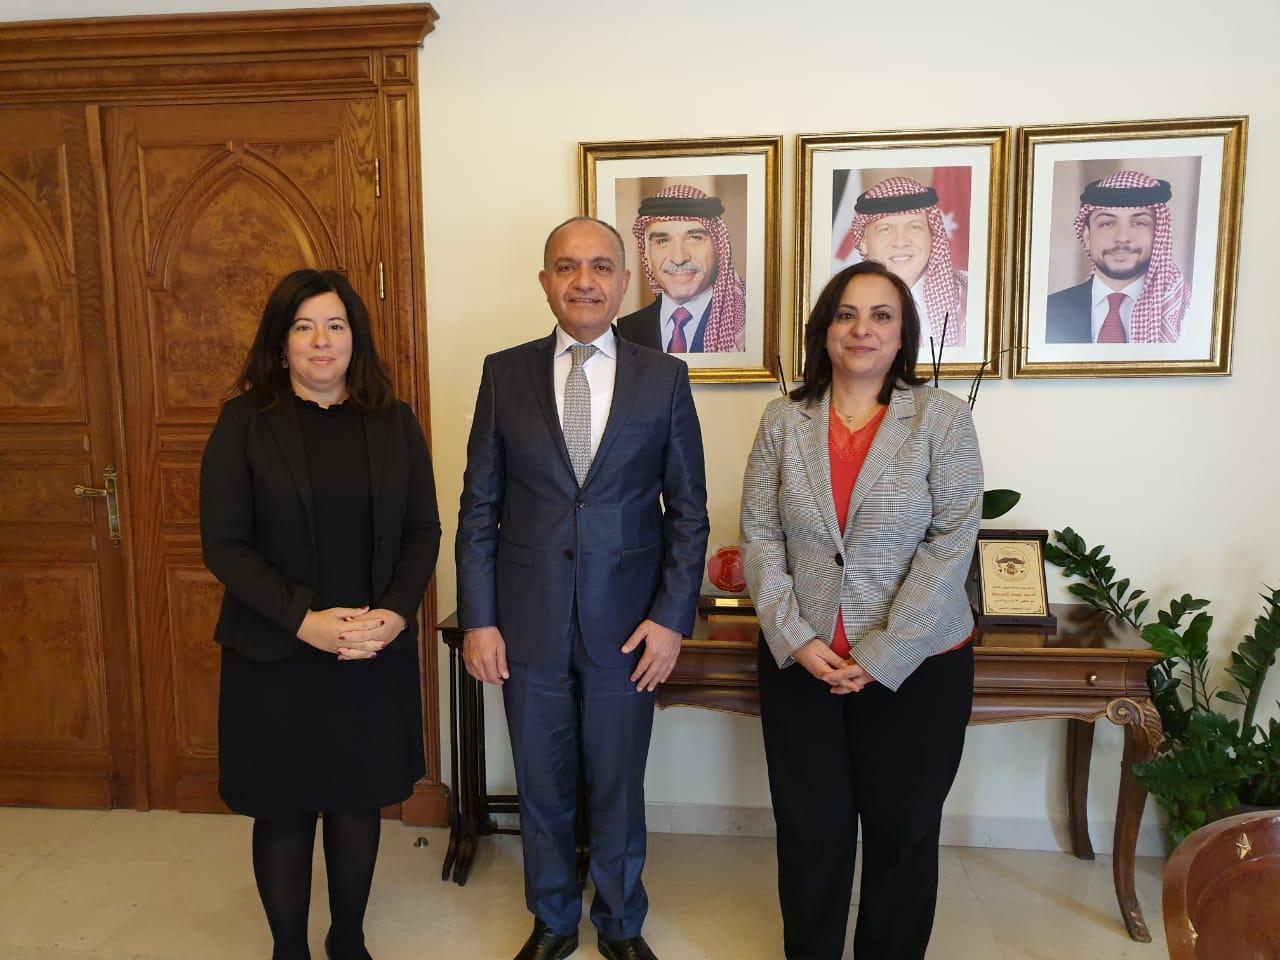 المديرة الإقليمية لبرنامج النساء في الأخبار تلتقي بوزير الدولة لشؤون الإعلام الأردني